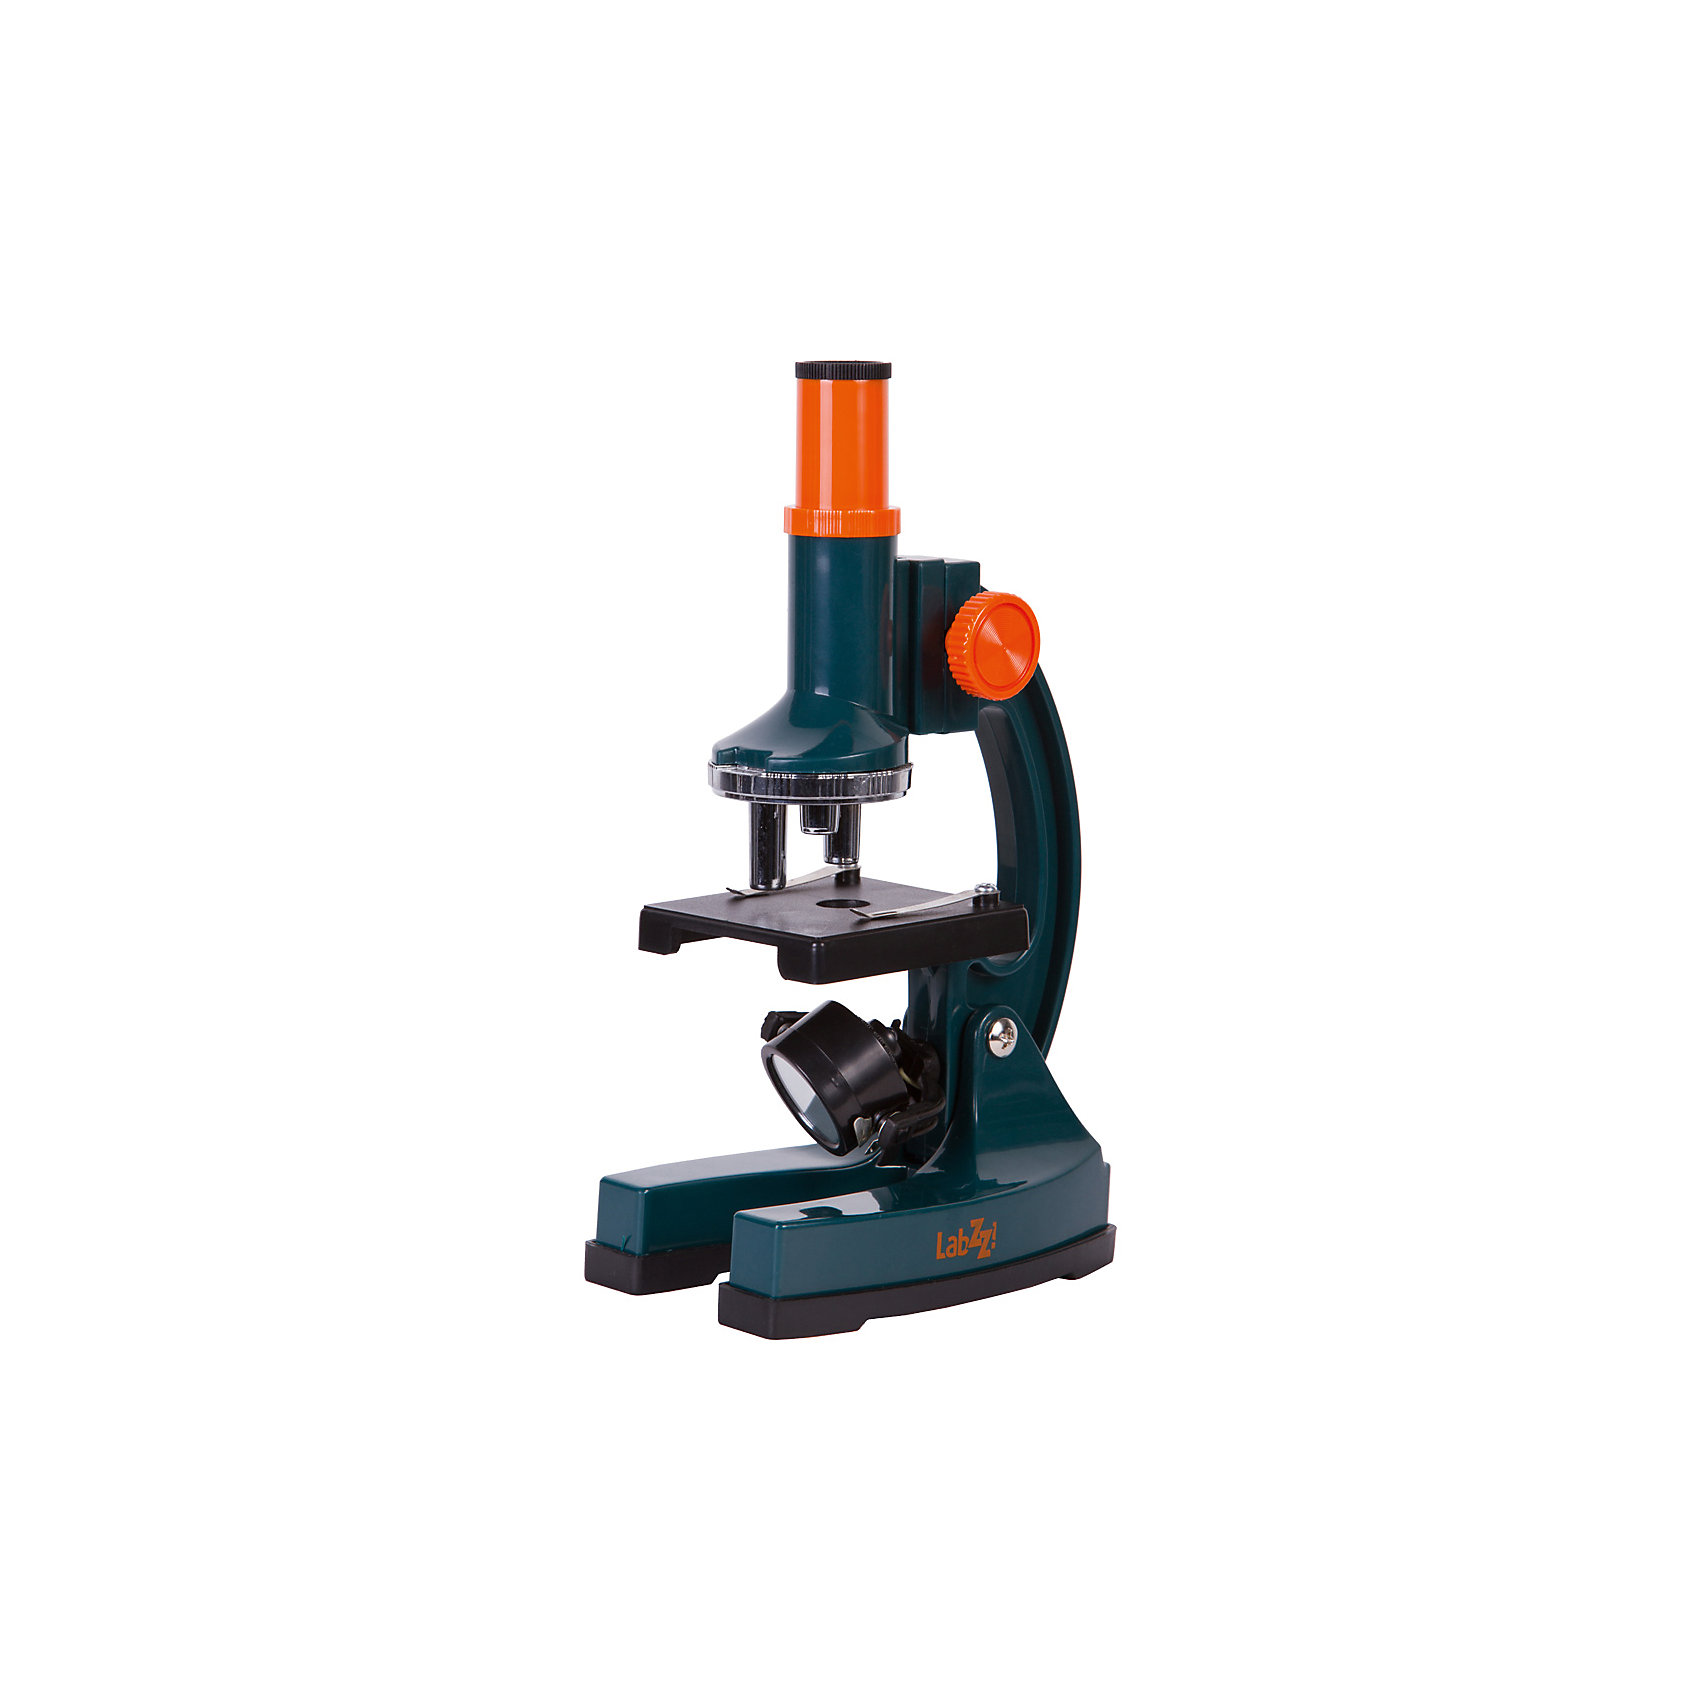 Микроскоп Levenhuk LabZZ M2Характеристики товара:<br><br>• материал: металл, пластик<br>• увеличение: до 900 крат<br>• набор для опытов в комплекте<br>• легкий пластиковый корпус<br>• подсветка: зеркало или встроенная лампа накаливания<br>• лампа работает от батареек 2хАА<br>• комплектация: микроскоп, окуляр, пипетка, лопатка, скальпель, пестик, готовые микропрепараты (3 шт.), предметные стекла (3 шт.), покровные стекла (6 шт.), наклейки для стекол (6 шт.), фиксатор, морская соль, флакон с артемией, инкубатор для артемии<br>• диаметр окулярной трубки: 17 мм<br>• страна бренда: США<br>• страна производства: КНР<br><br>Собственный микроскоп - это отличный способ заинтересовать ребенка наукой и привить ему интерес к учебе. Эта модель микроскопа была разработана специально для детей - он позволяет увеличивать препарат в 900 крат, с помощью этого дети могут исследовать состав и структуру разнообразных предметов, веществ и организмов. Благодаря стильному дизайну этот микроскоп отлично вписывается в интерьер!<br><br>Оптические приборы от американской компании Levenhuk уже успели зарекомендовать себя как качественная и надежная продукция. Для их производства используются только безопасные и проверенные материалы. Такой прибор способен прослужить долго. Подарите ребенку интересную и полезную вещь!<br><br>Микроскоп Levenhuk LabZZ M2 от известного бренда Levenhuk (Левенгук) можно купить в нашем интернет-магазине.<br><br>Ширина мм: 82<br>Глубина мм: 280<br>Высота мм: 290<br>Вес г: 444<br>Возраст от месяцев: 60<br>Возраст до месяцев: 2147483647<br>Пол: Унисекс<br>Возраст: Детский<br>SKU: 5435290